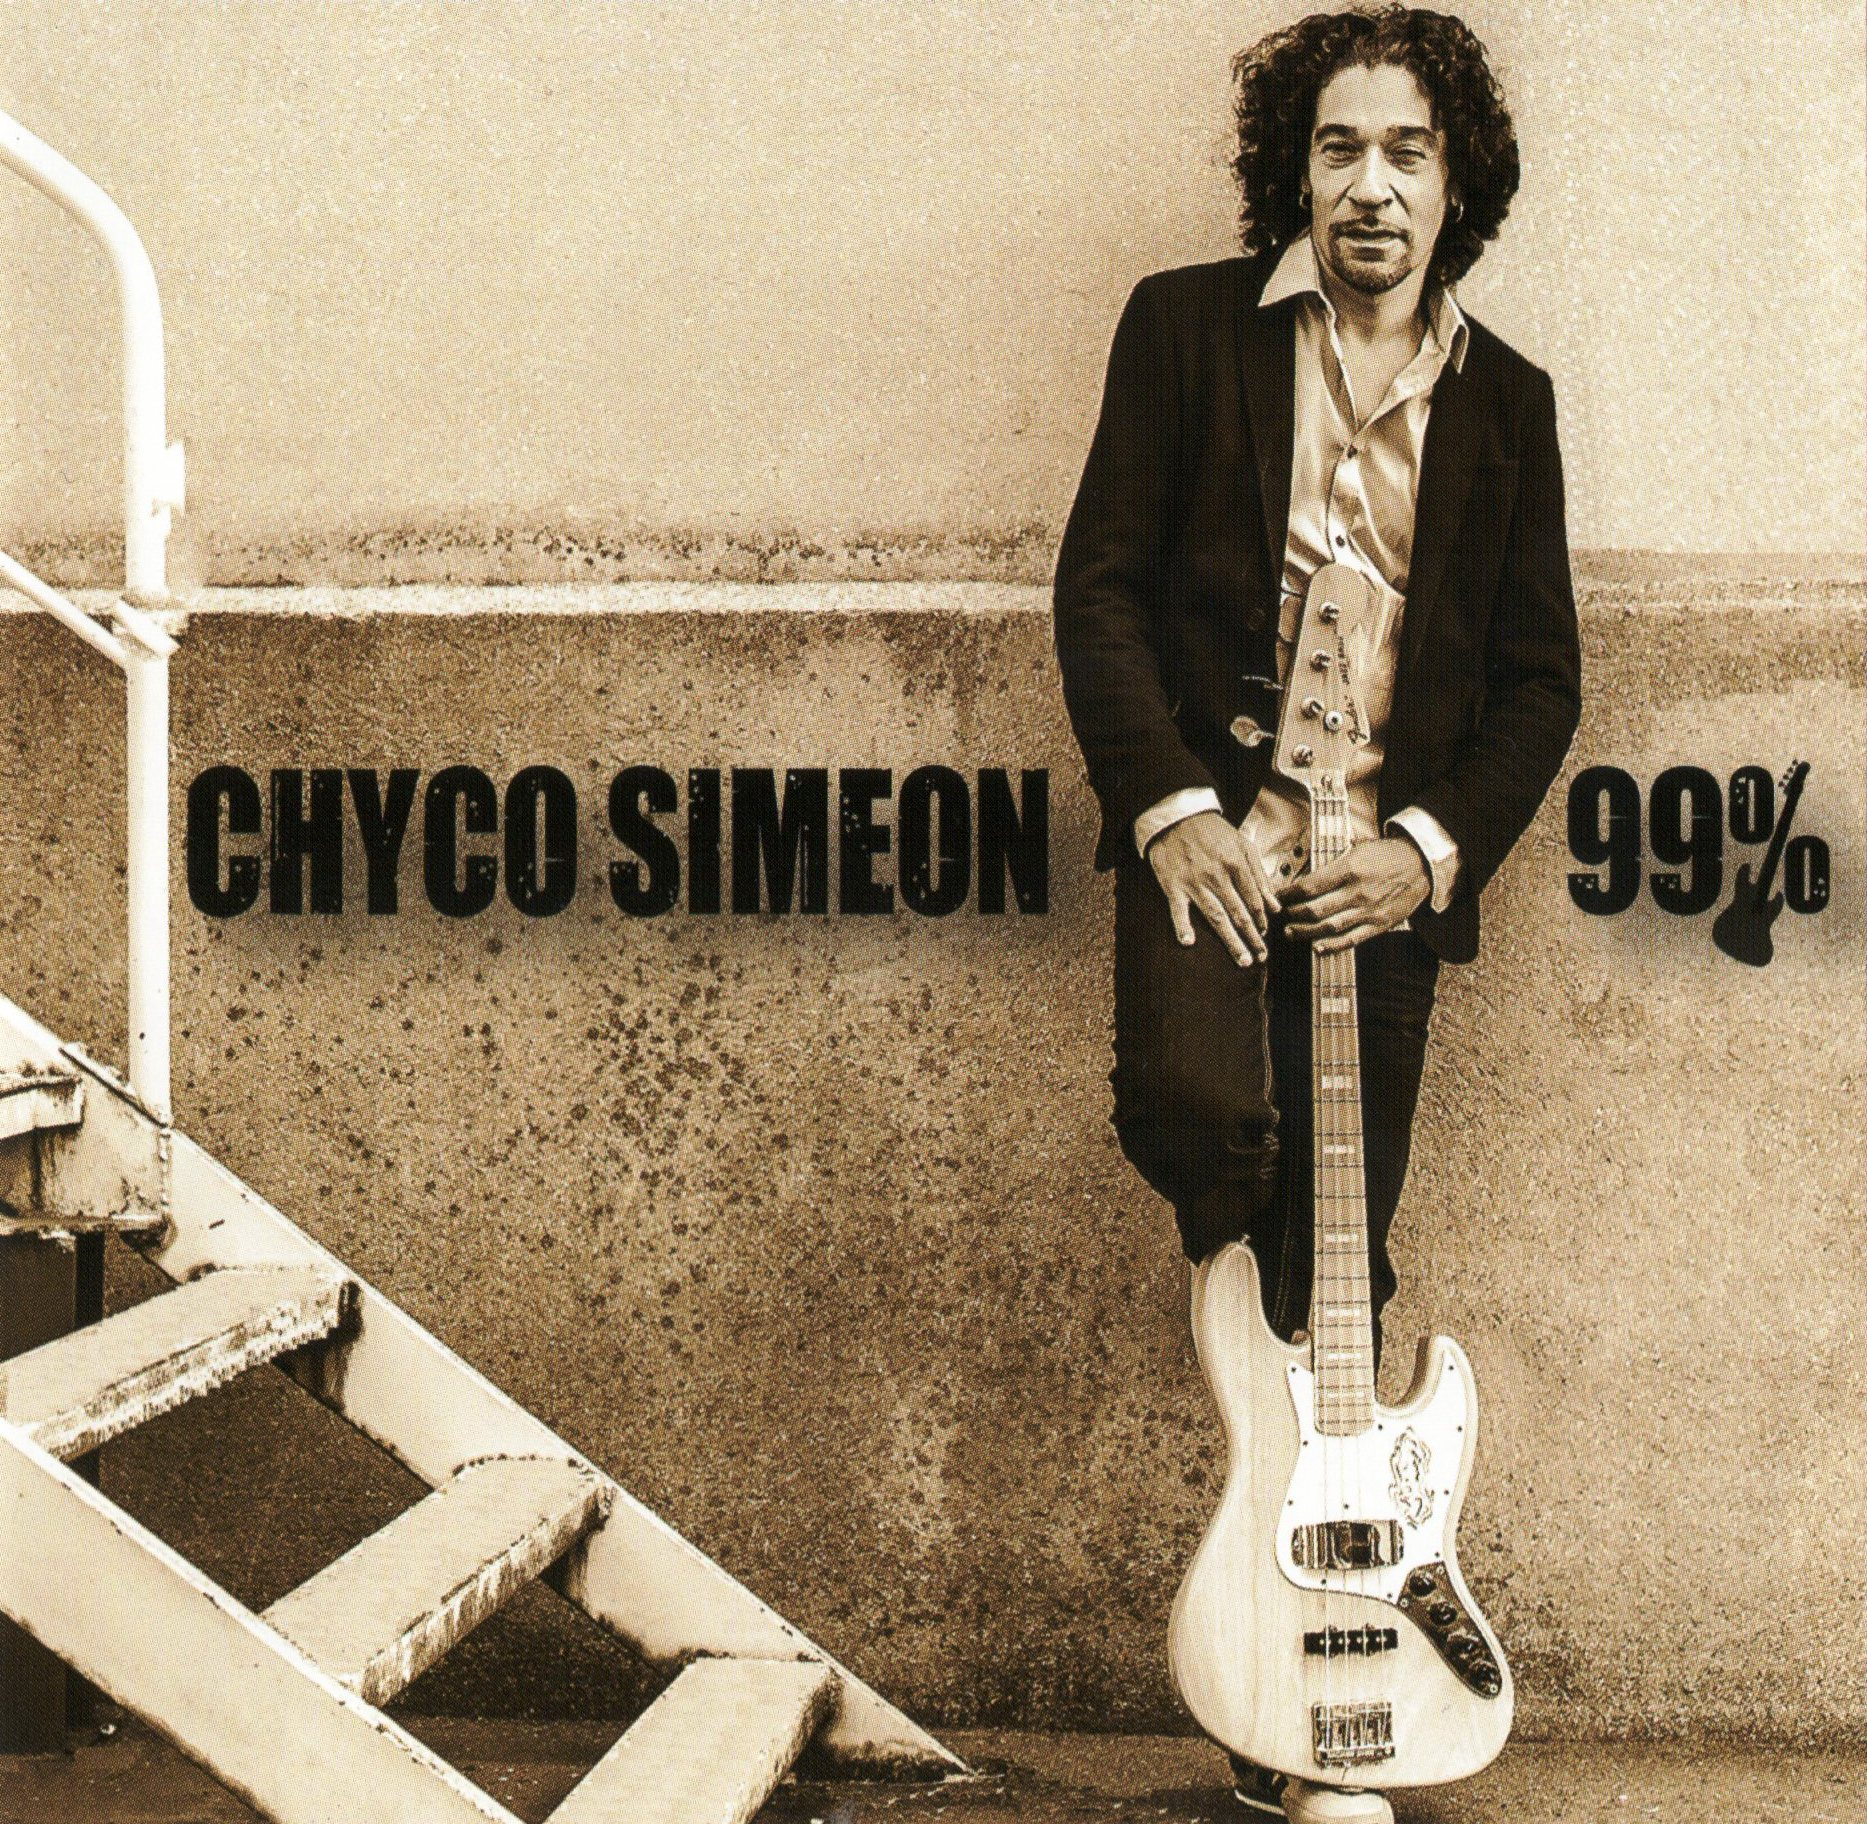 99%, le cri d'indignation de la basse de Chyco Siméon.